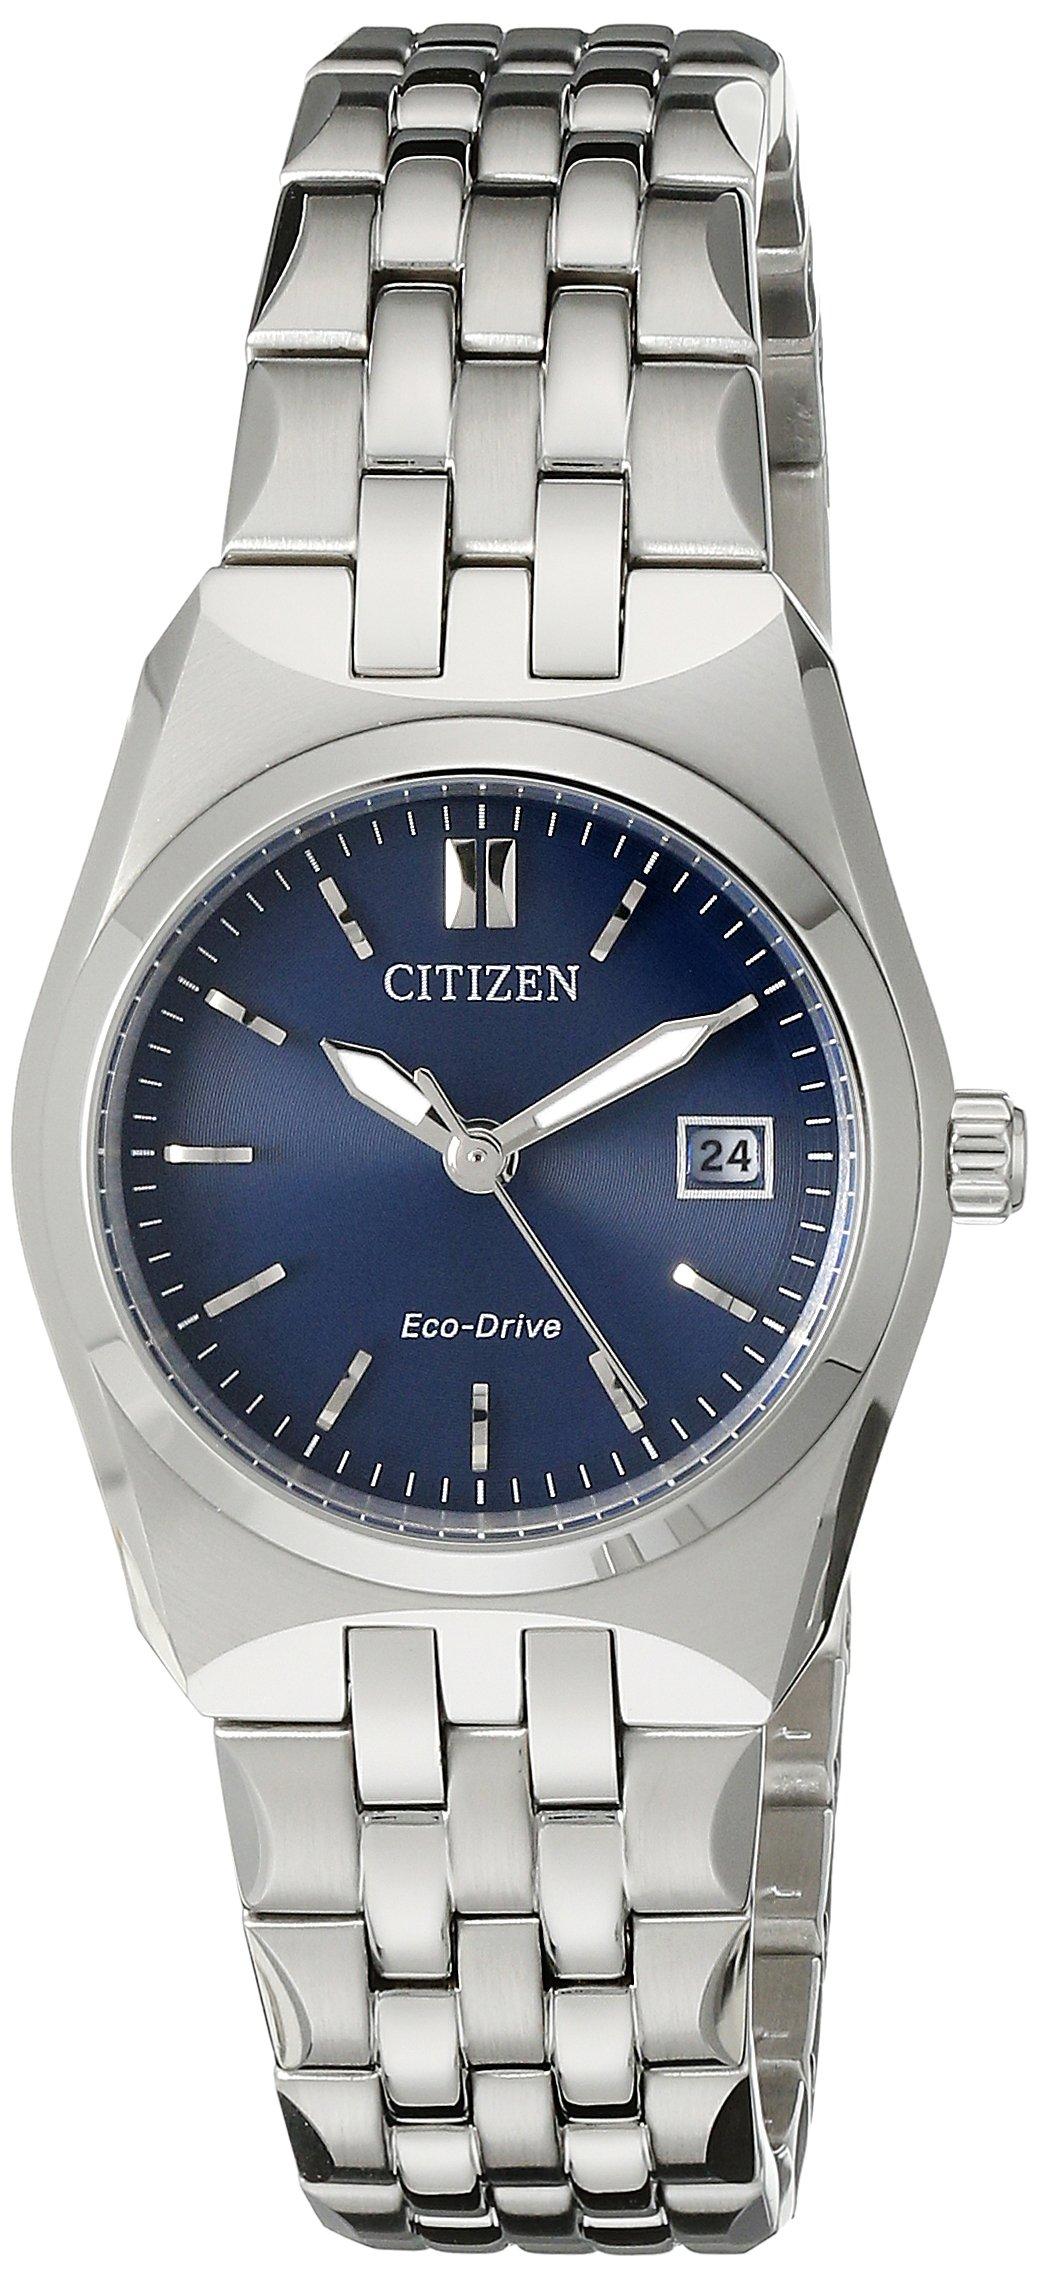 Citizen Eco-Drive Women's EW2290-54L Stainless Steel Bracelet Watch